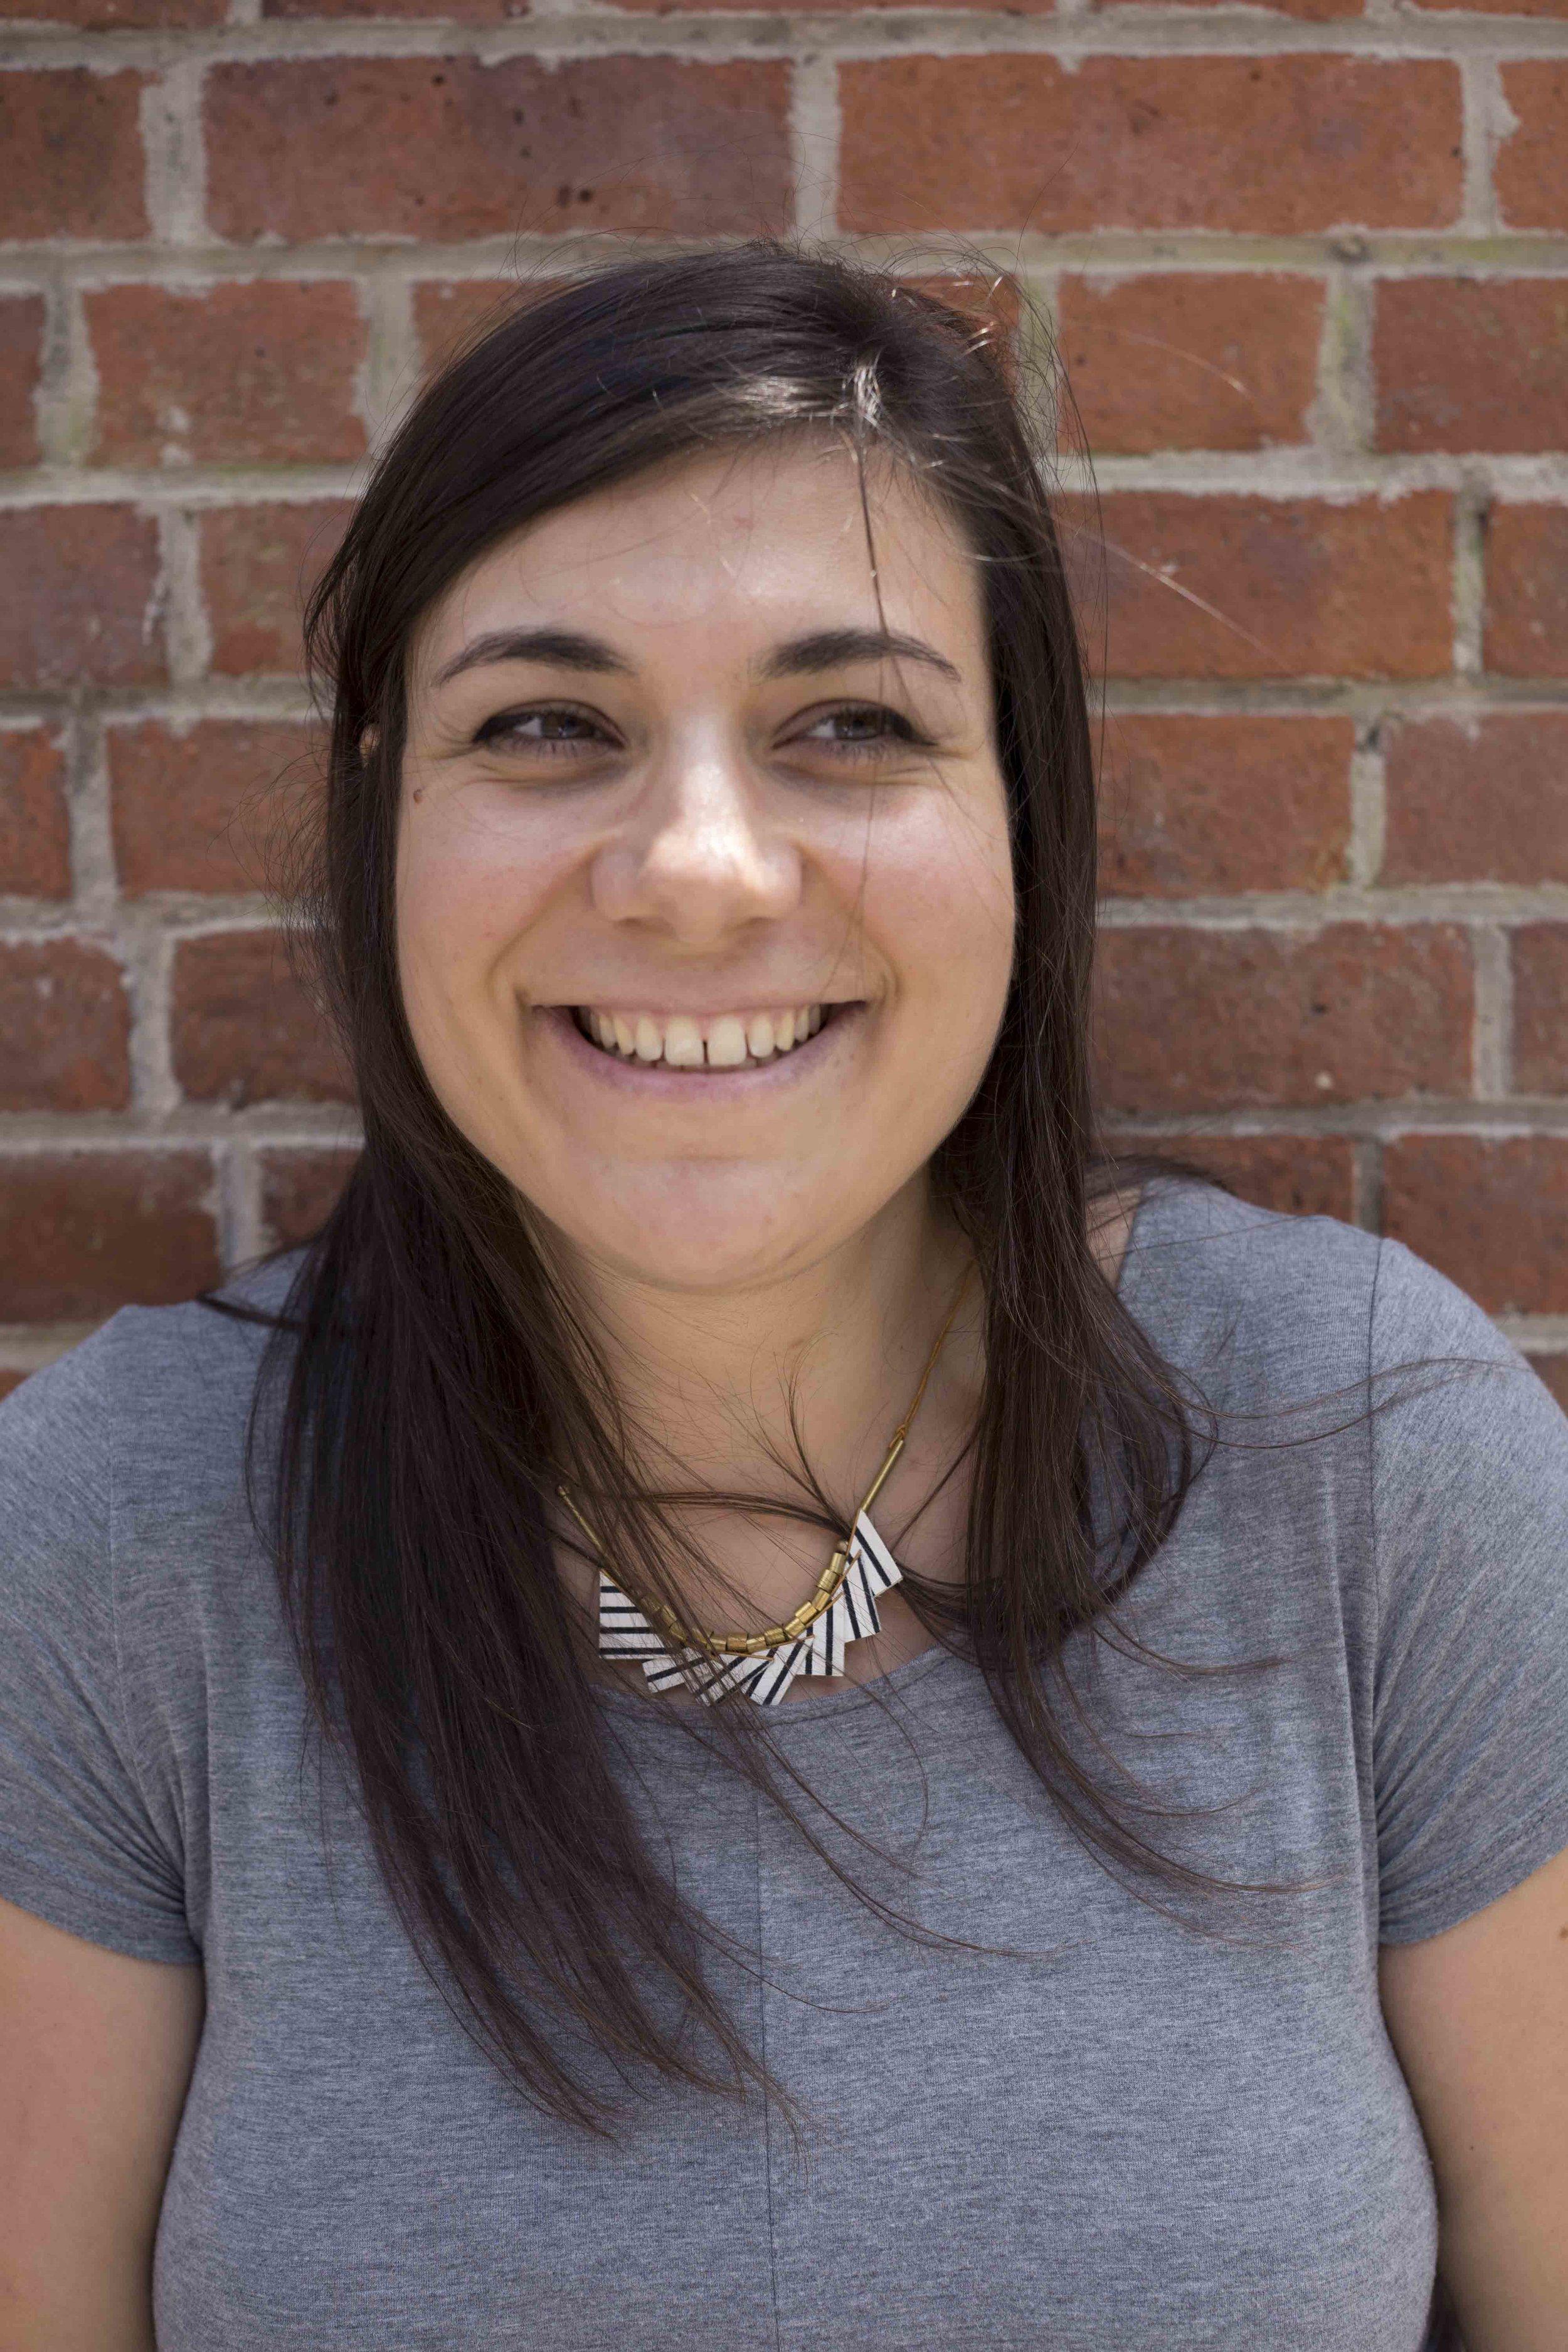 Stephanie Andreou / Editor, Junior Editor / NY